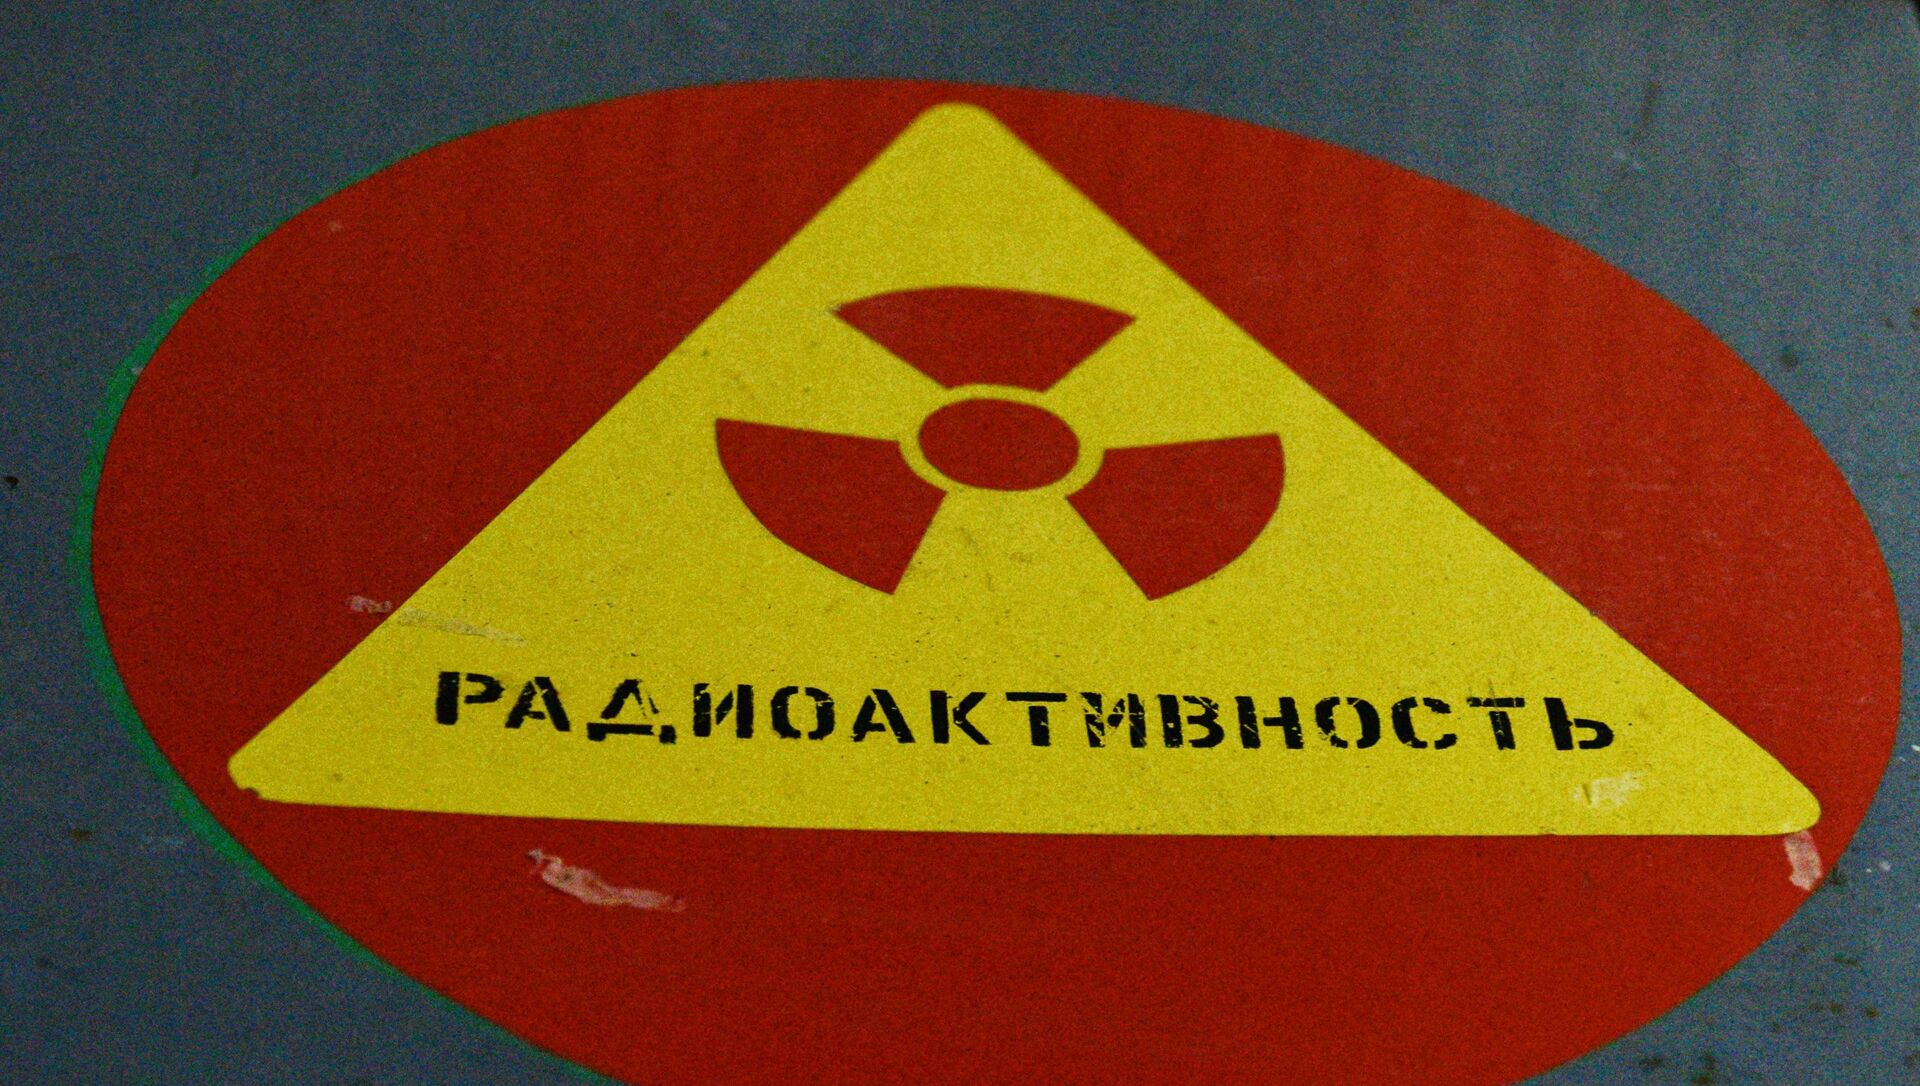 Señal de advertencia de radiactividad en la central nuclear de Chernóbil - Sputnik Mundo, 1920, 09.12.2019